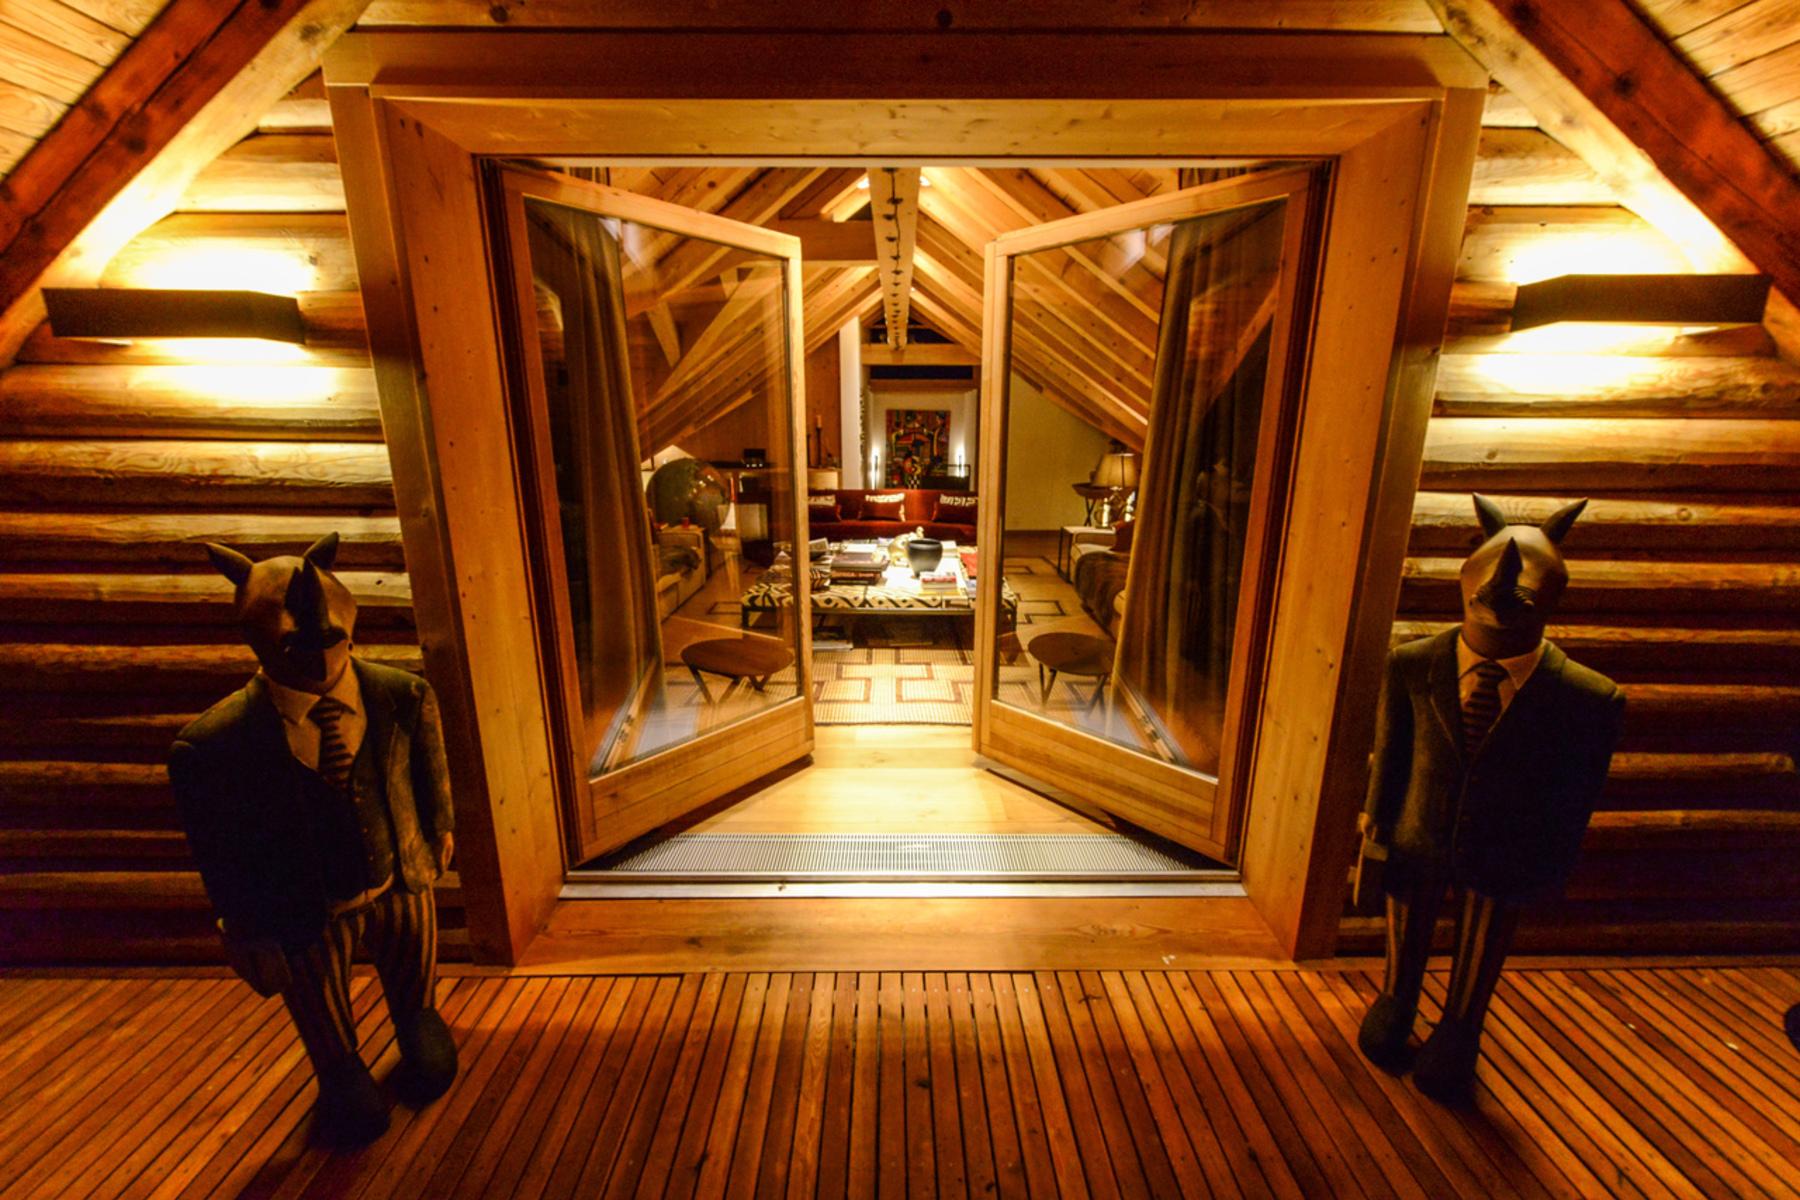 Maison unifamiliale pour l Vente à Splendid villa with spa right at the slope Other Switzerland, Autres Régions De La Suisse, 7513 Suisse